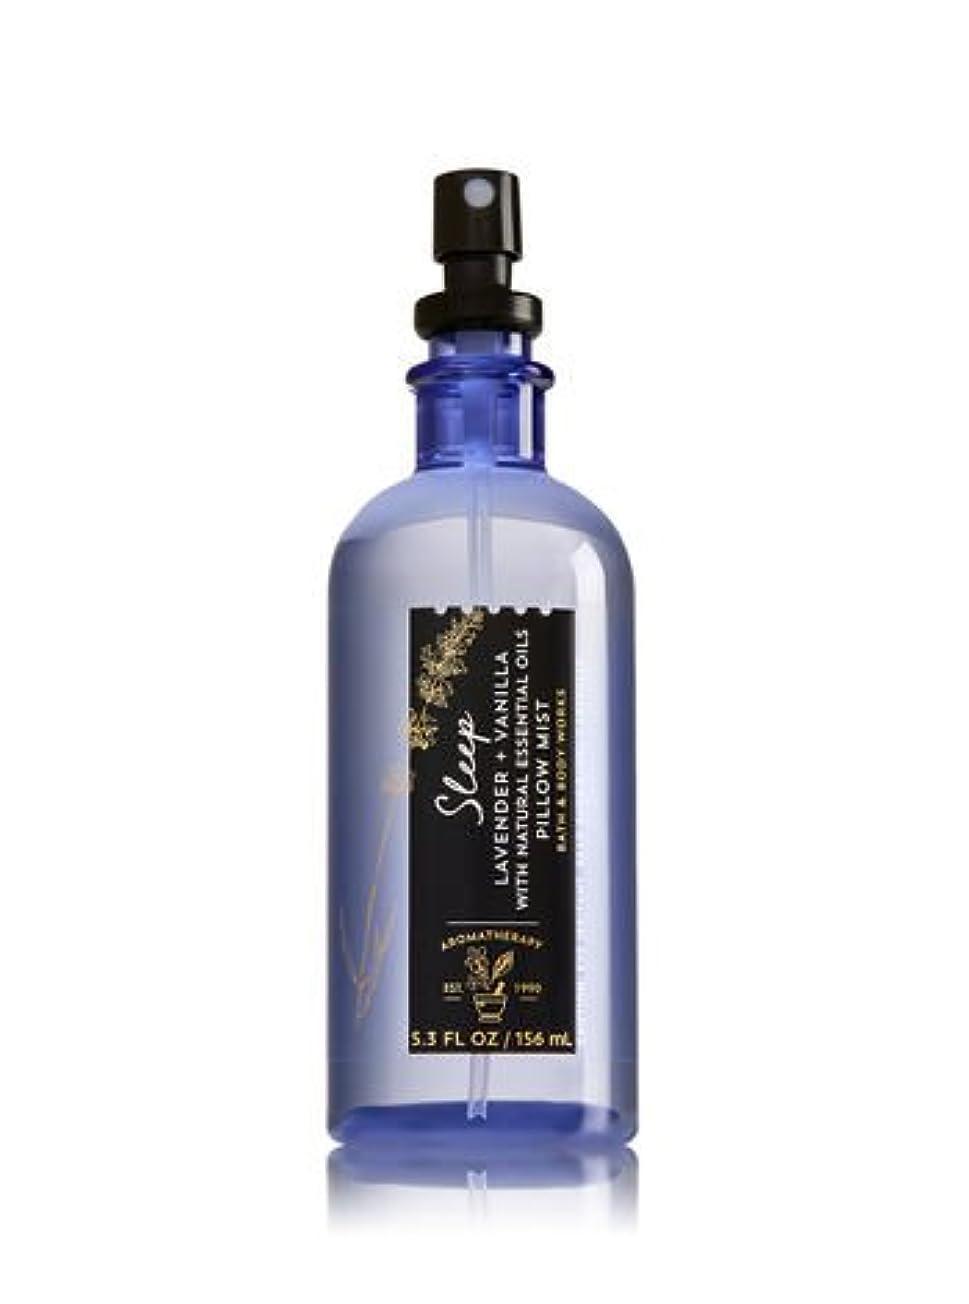 意識的胸海賊【Bath&Body Works/バス&ボディワークス】 ピローミスト アロマセラピー スリープ ラベンダーバニラ Aromatherapy Pillow Mist Sleep Lavender Vanilla 5.3 fl oz / 156 mL [並行輸入品]